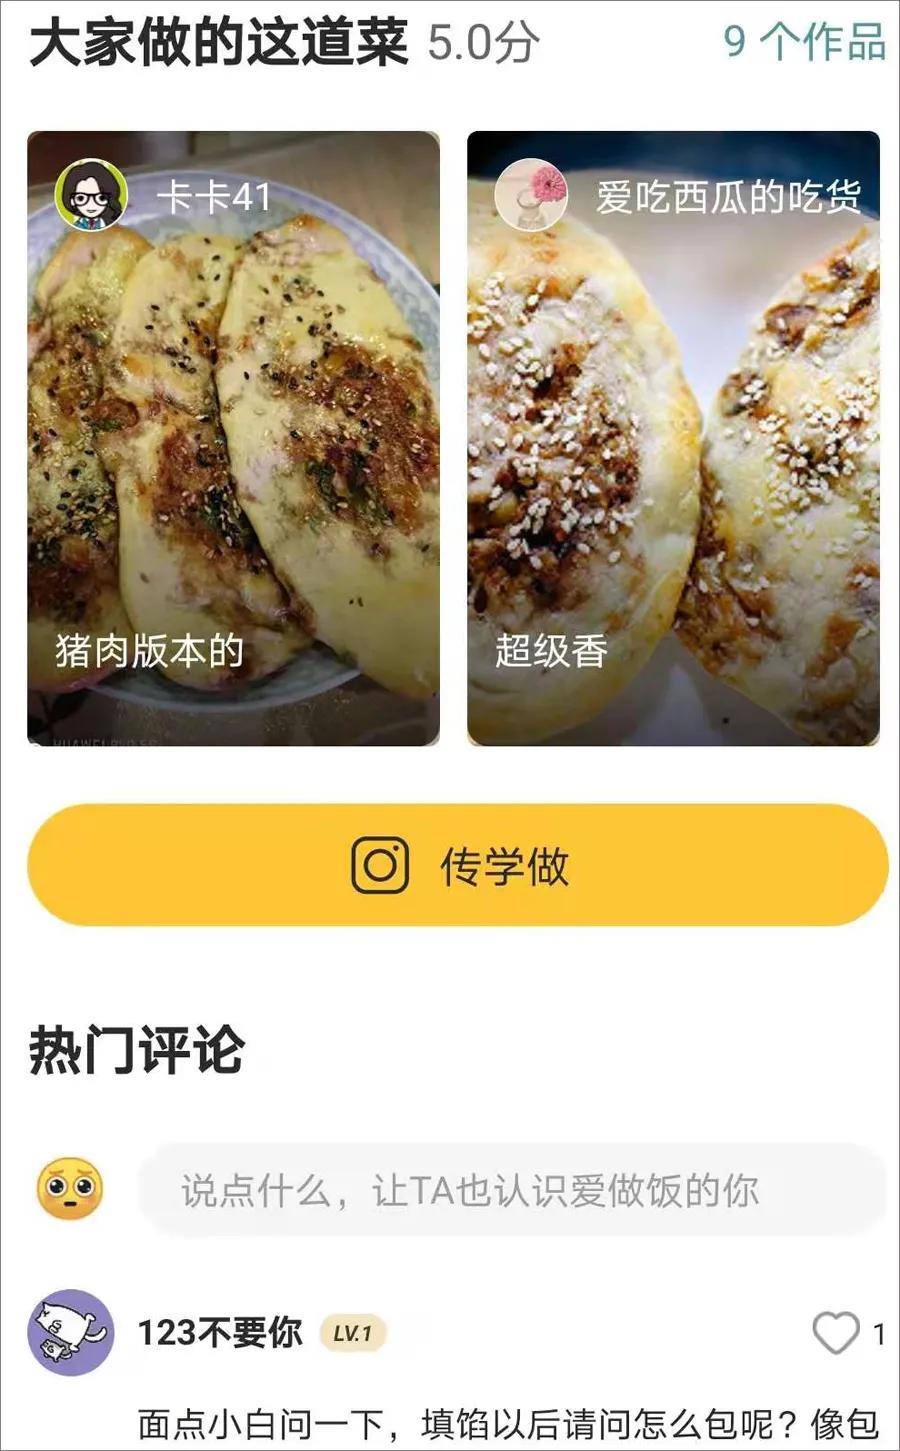 亲测豆果美食7.0版:美食食谱App的沉浸新味道